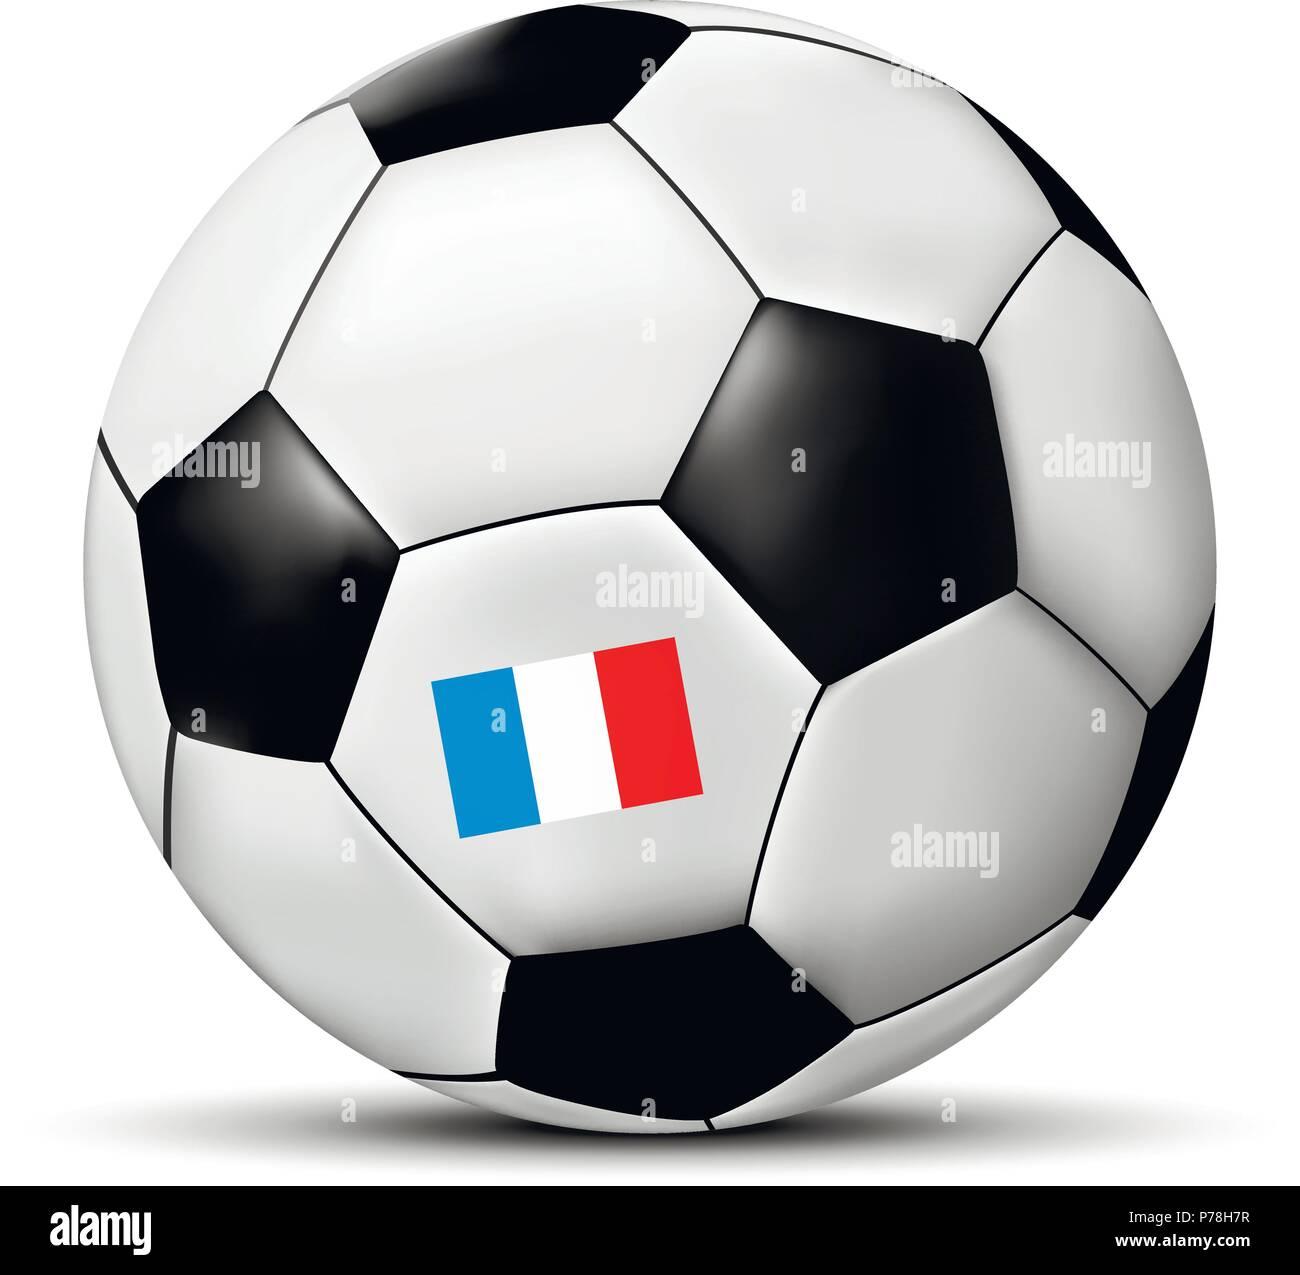 f04ceba650c7f El fútbol o el balón de fútbol con la bandera de Francia. Ilustración  vectorial.